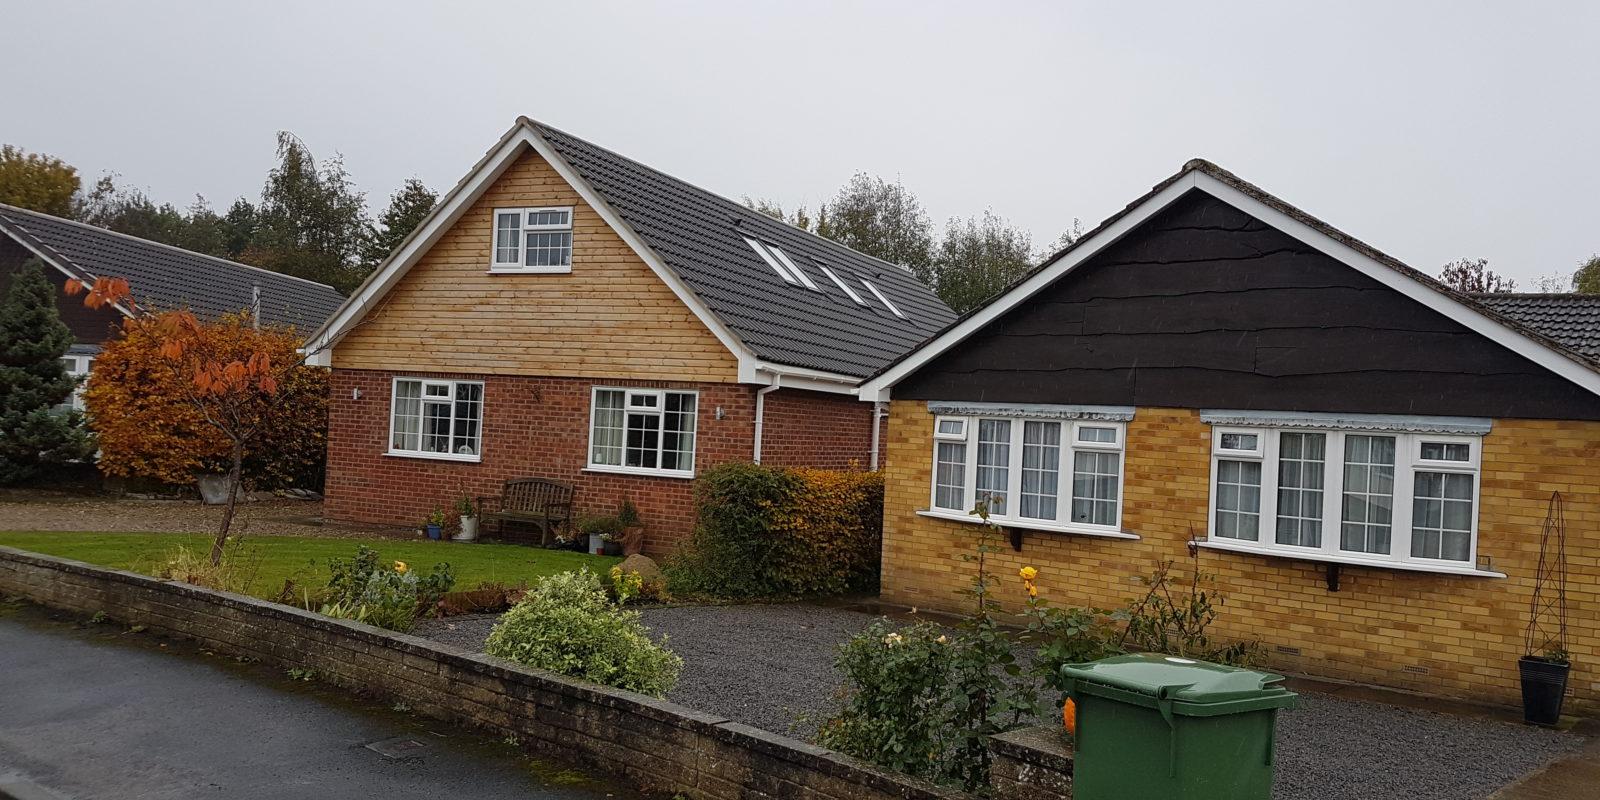 Roof Lift & Dormer Extension in Leeds